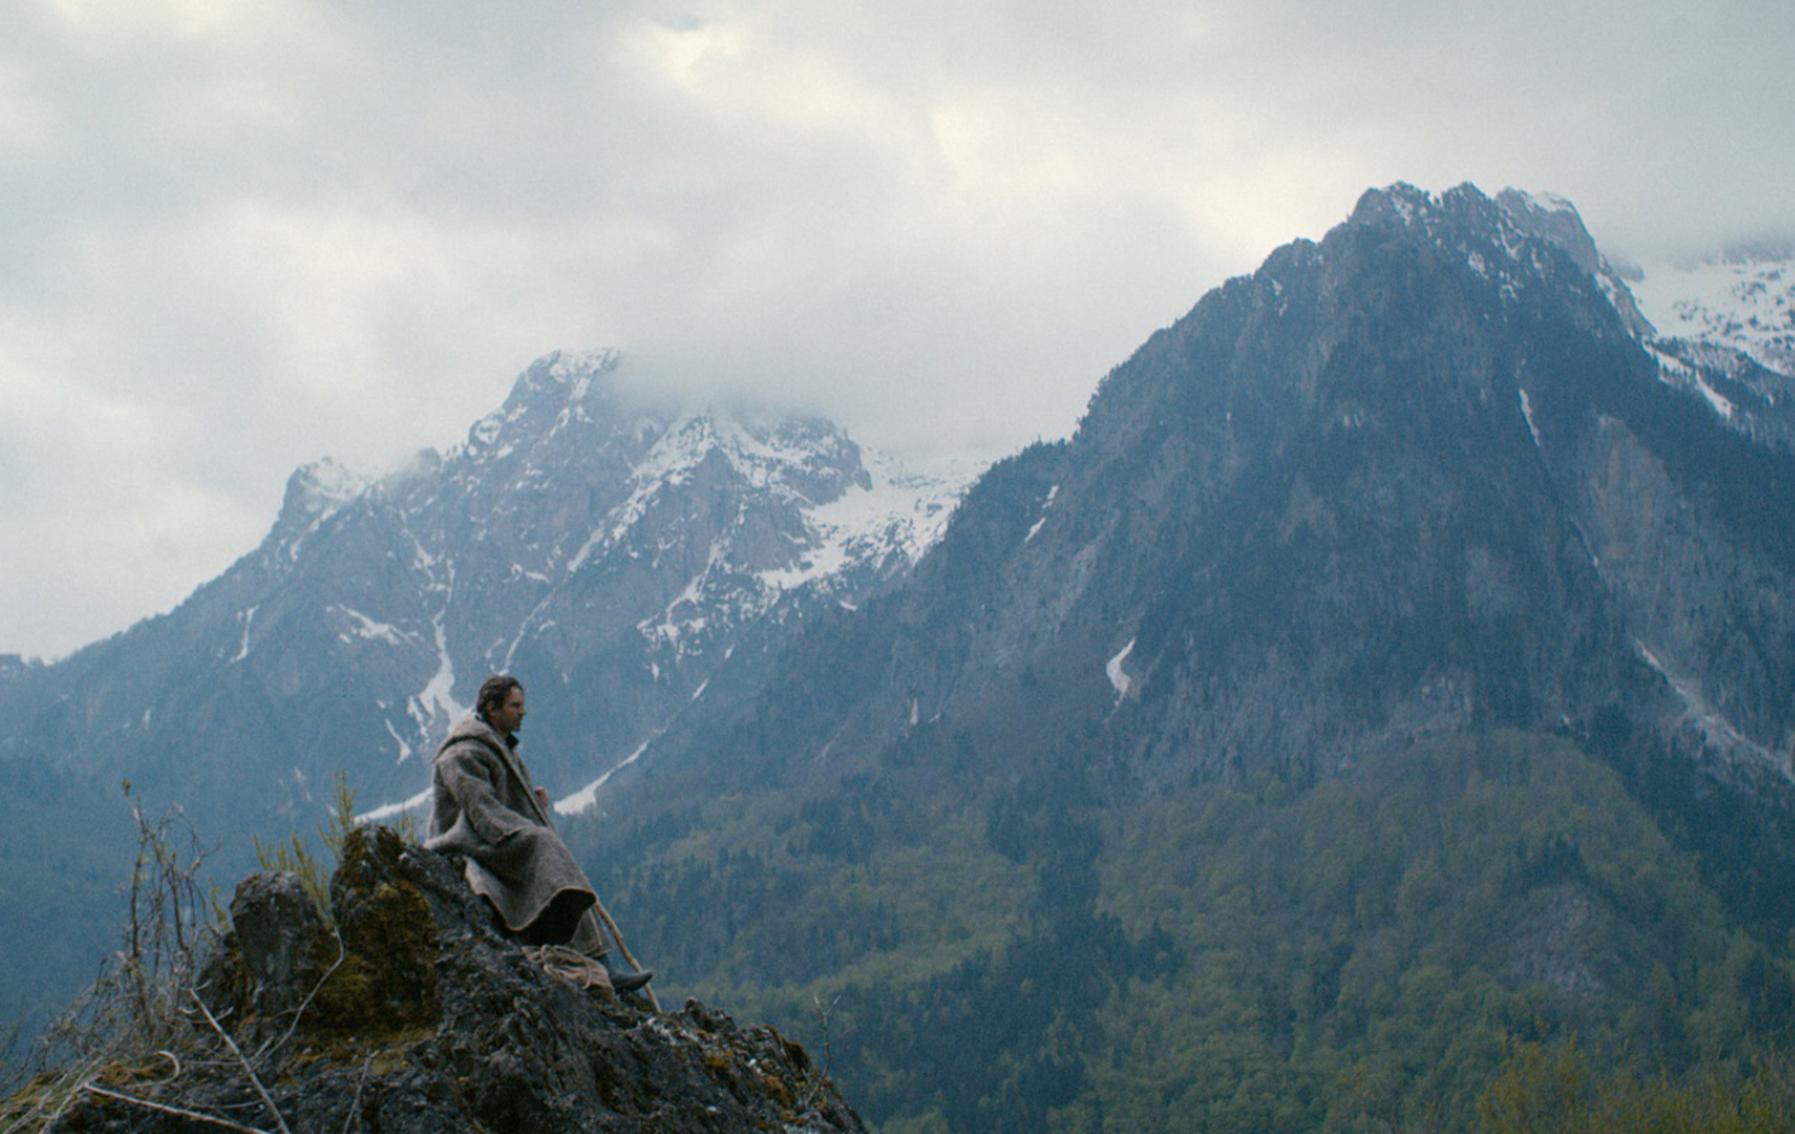 https://www.filmfest-muenchen.de/Pictures/Filme/107/6069/licht_zwischen_den_wolken-online1.jpg